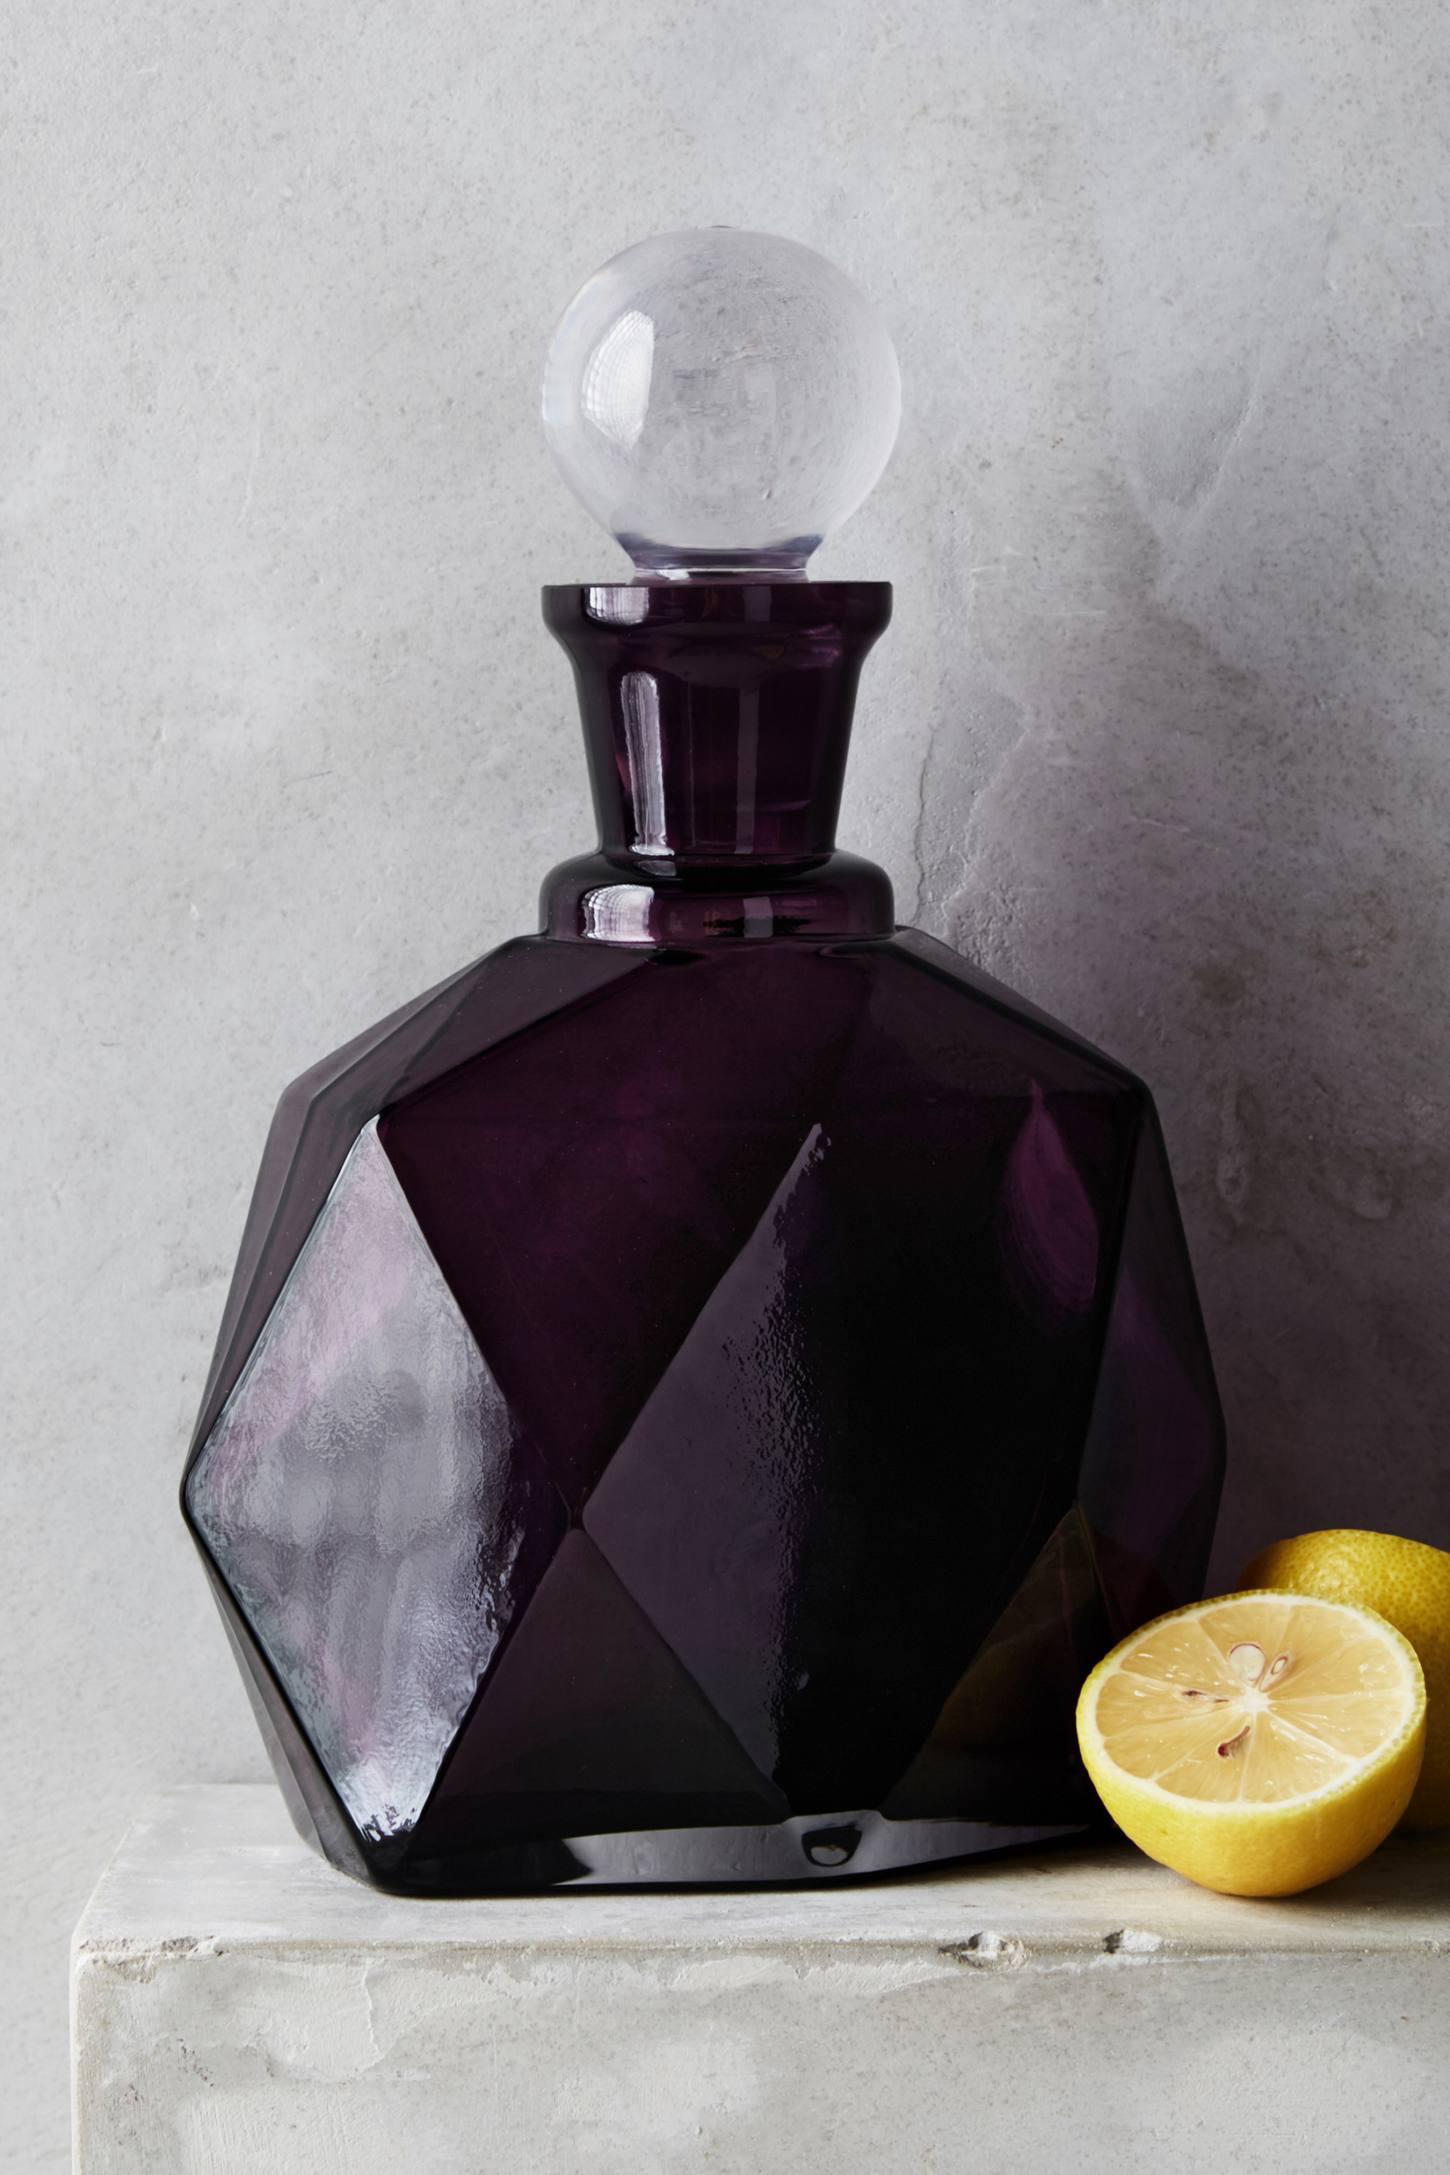 Parfumerie Decanter | Anthropologie